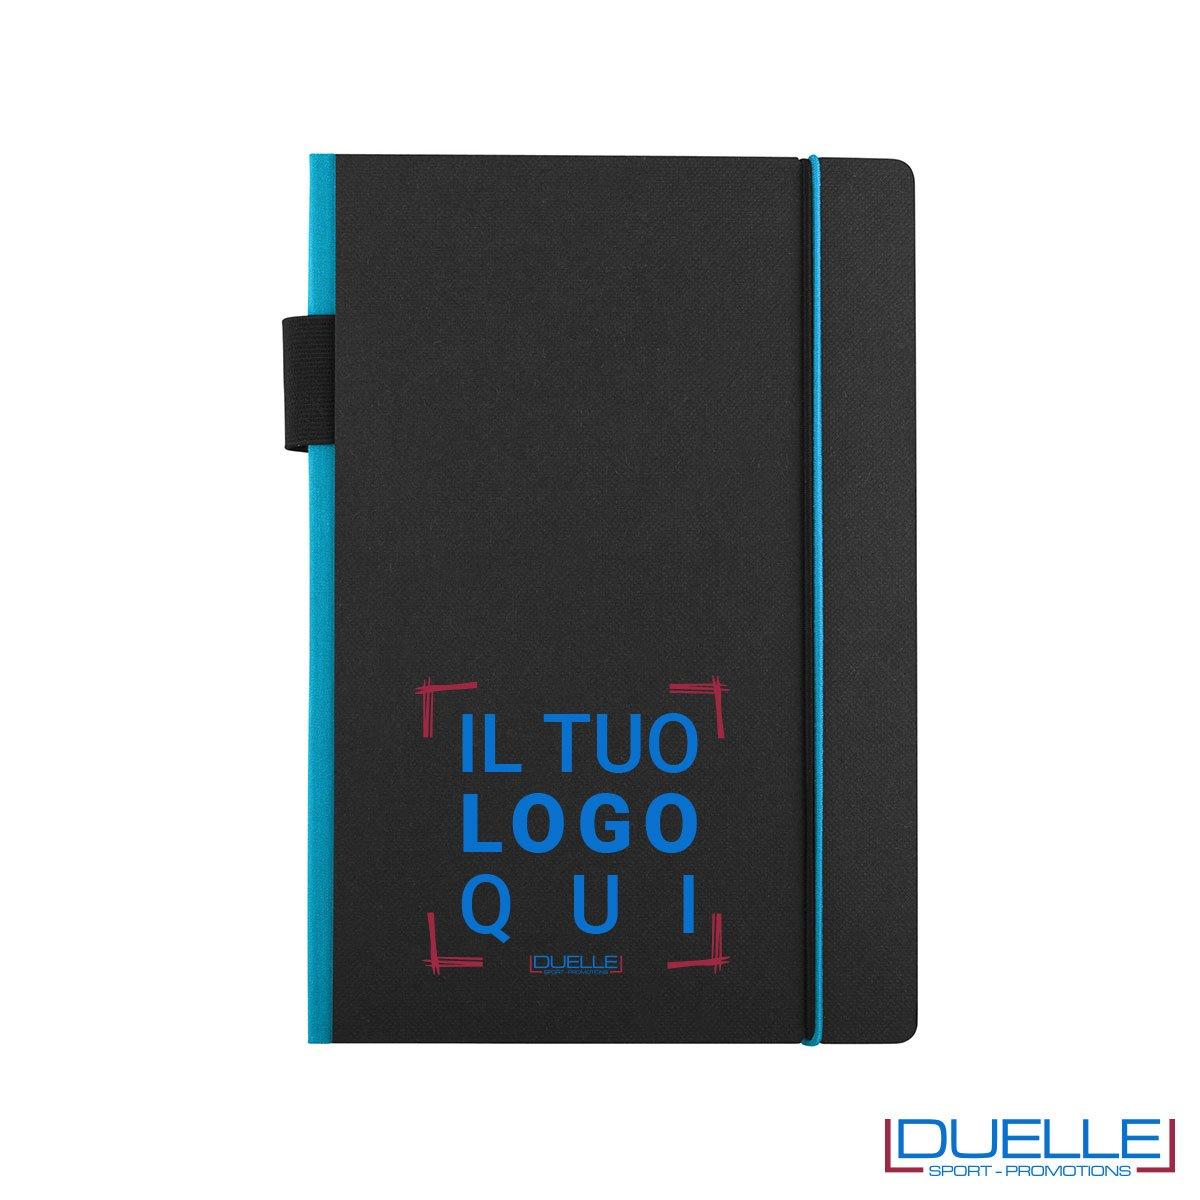 Blocco per appunti personalizzato JOURLABOOKS con elastico azzurro formato A5, quaderni promozionali personalizzabili colore azzurro